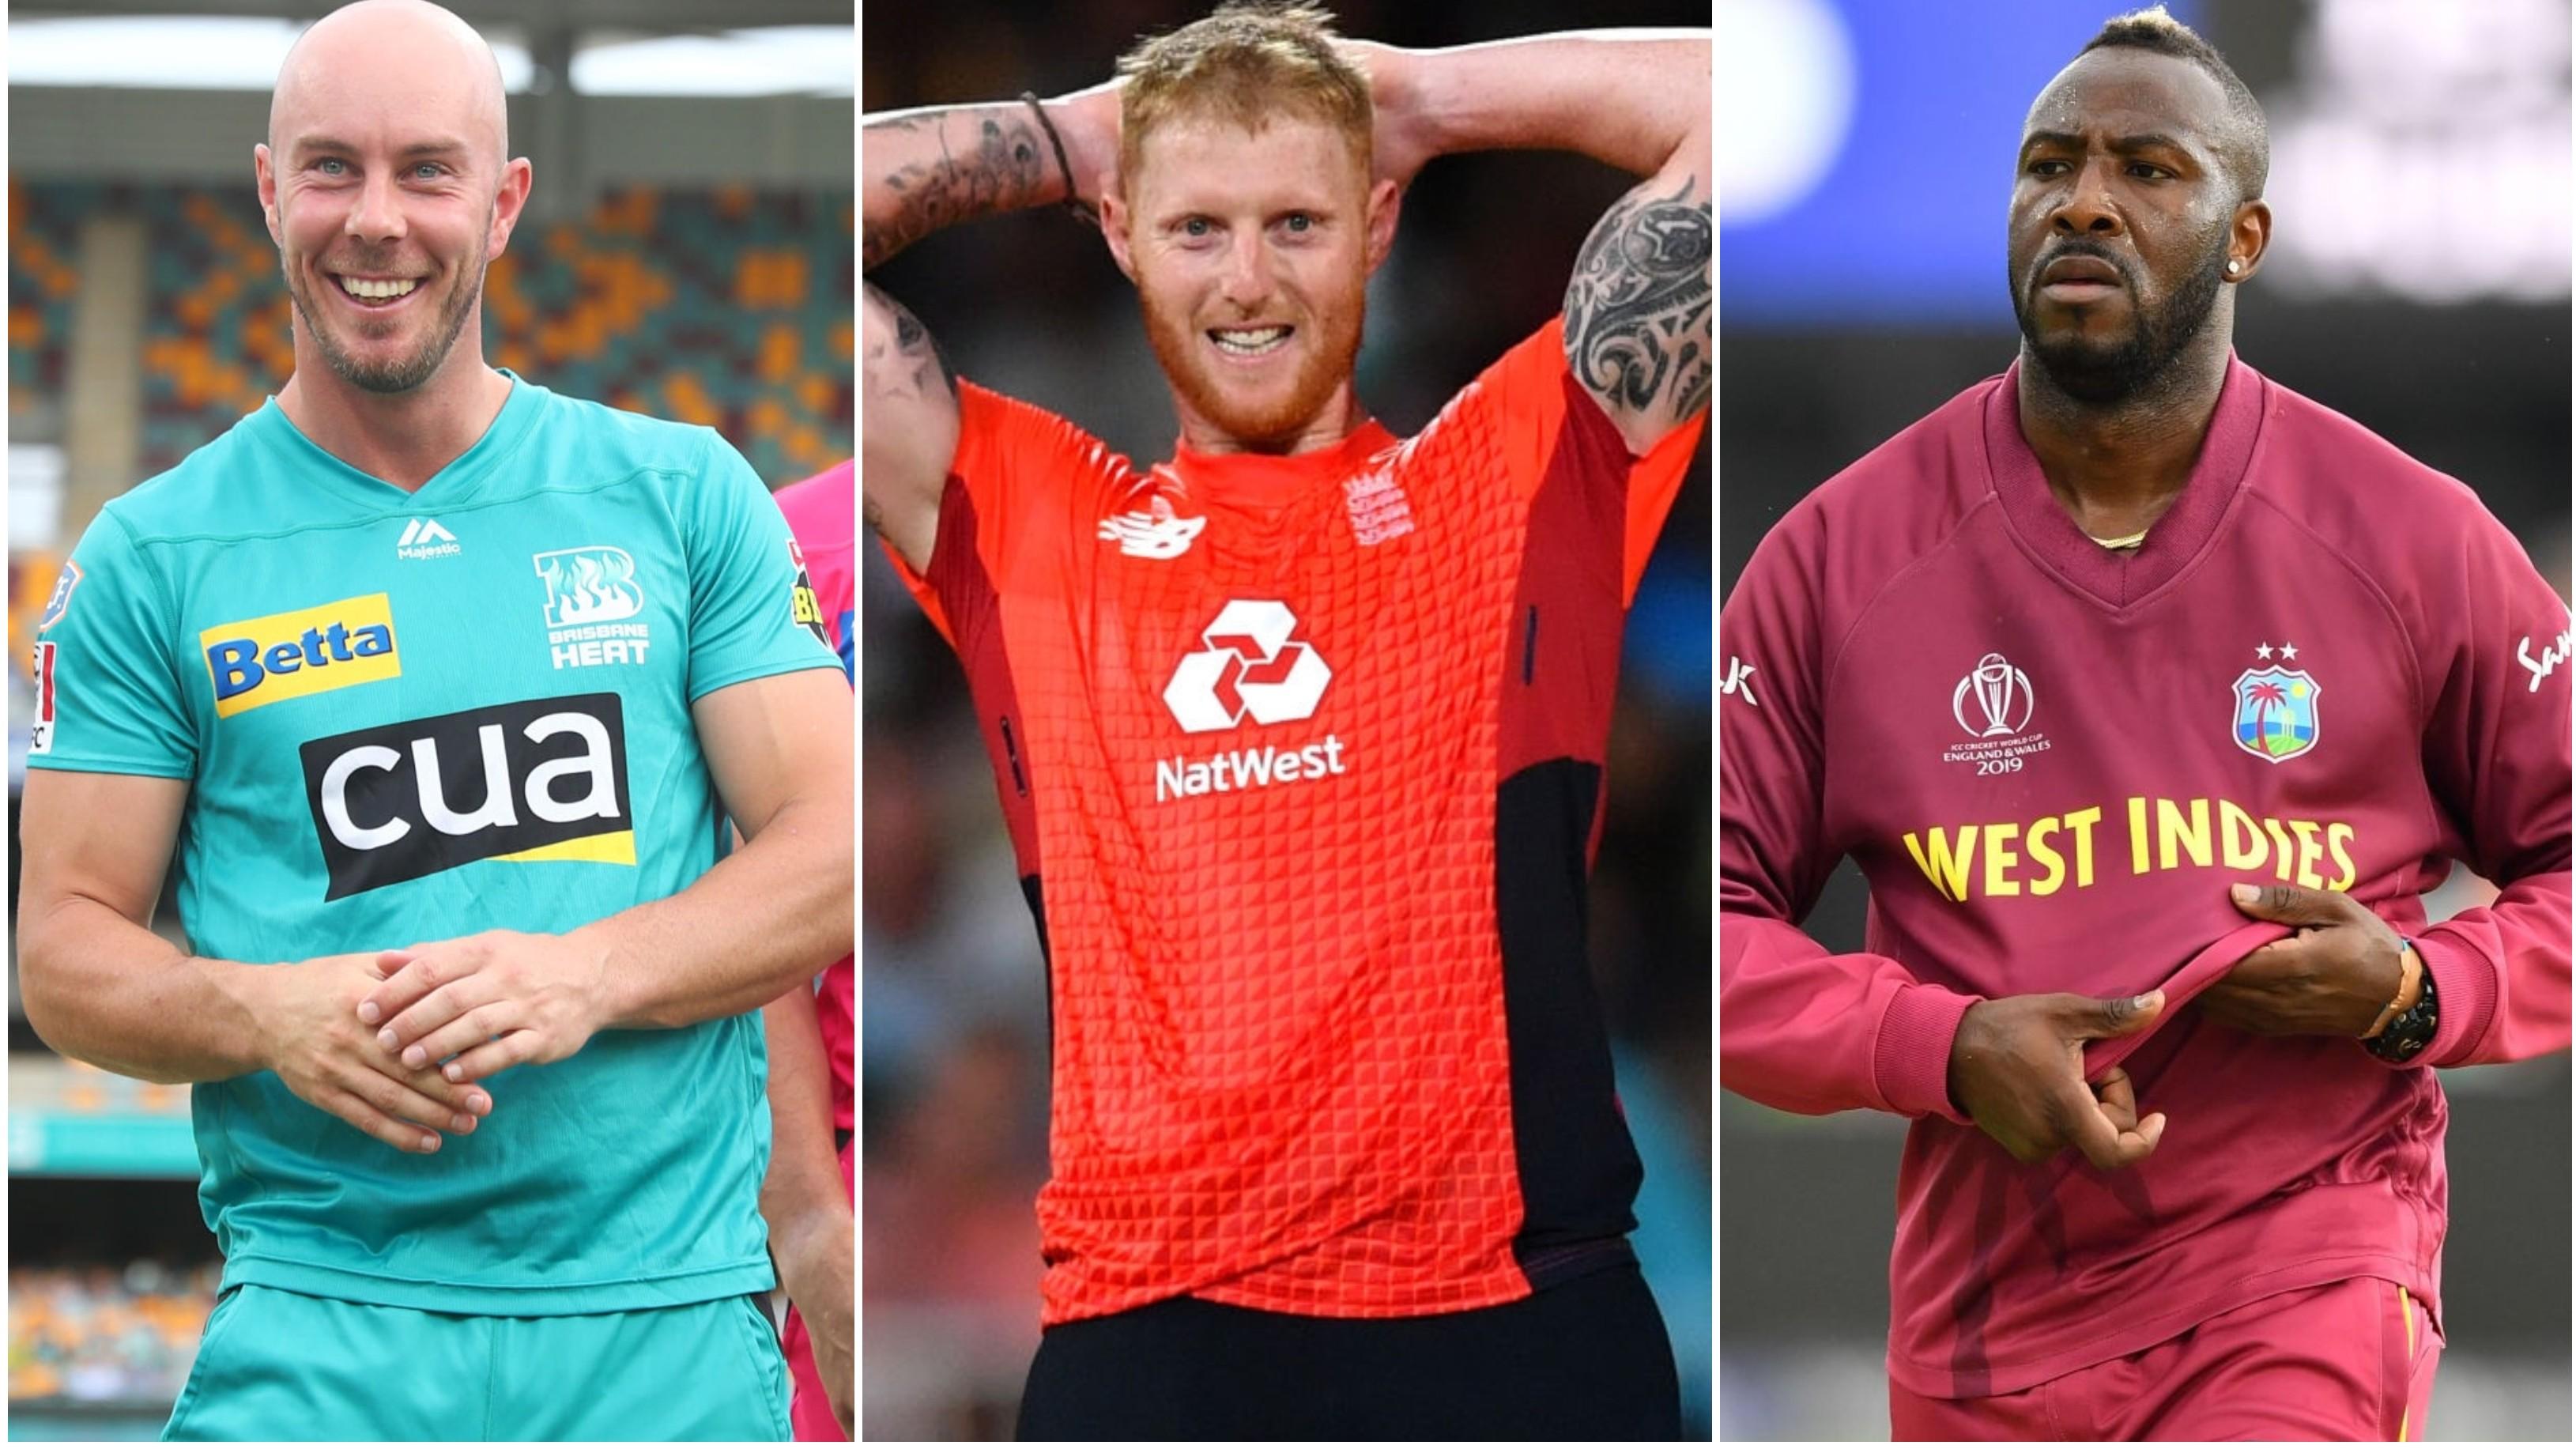 अपने टी-20 अंतरराष्ट्रीय करियर में एक भी अर्द्धशतक नहीं लगा सके ये 3 विस्फोटक बल्लेबाज